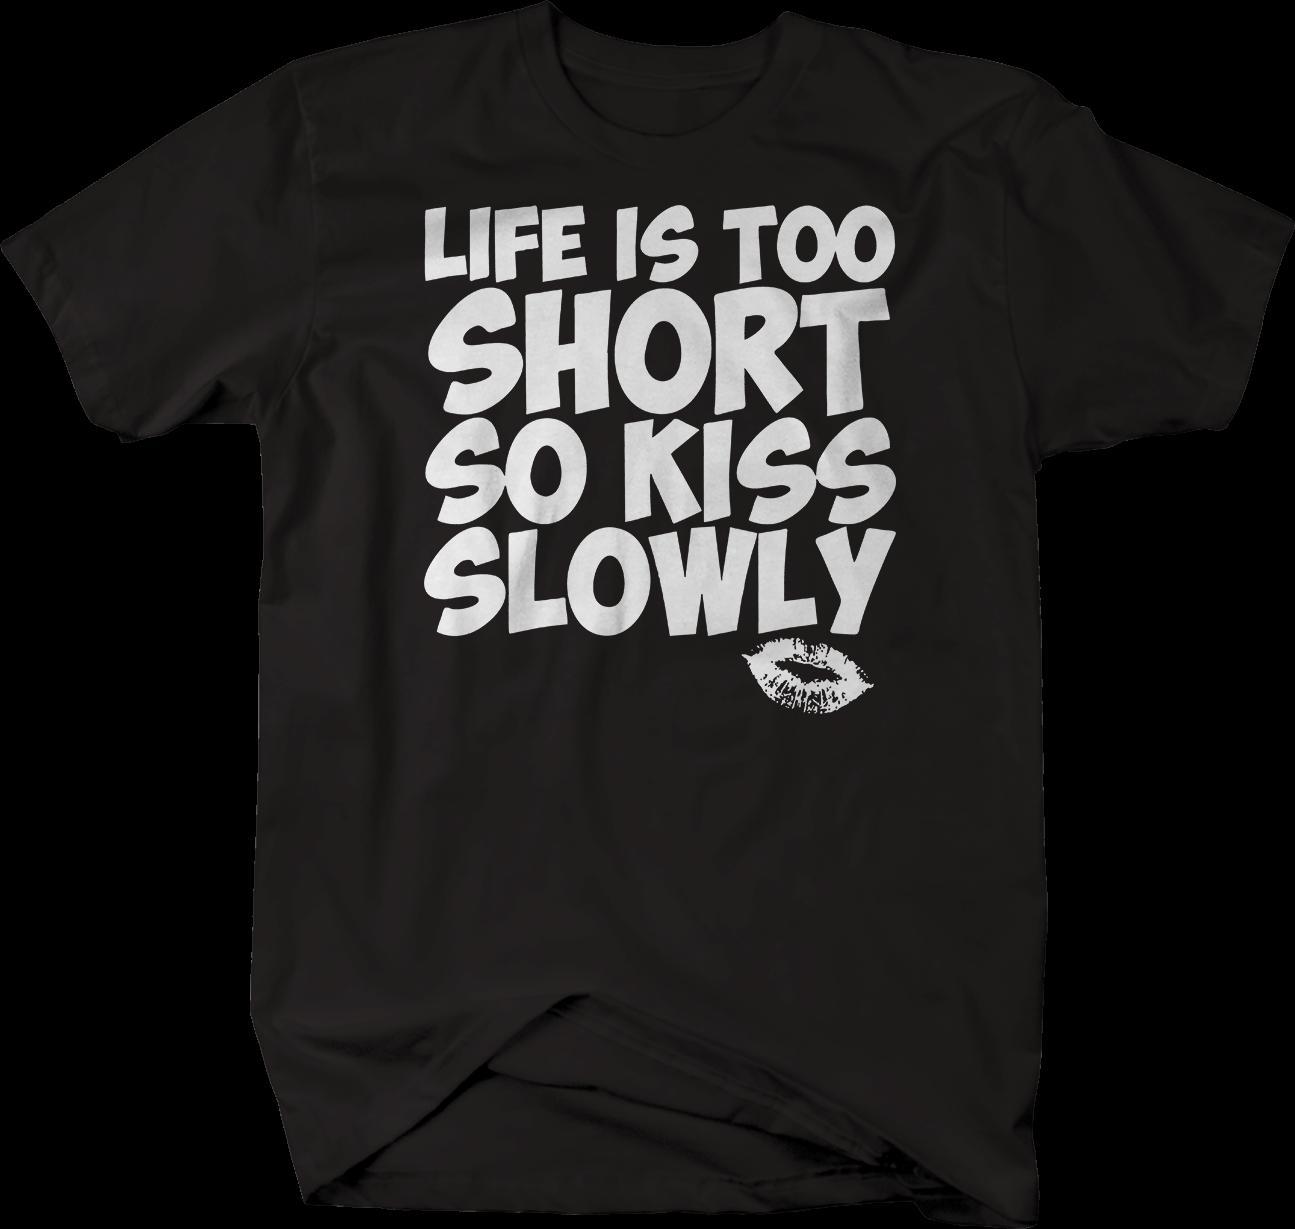 9ecde7af1536 Vida muito curta beijo lentamente camiseta manga curta plus size t-shirt